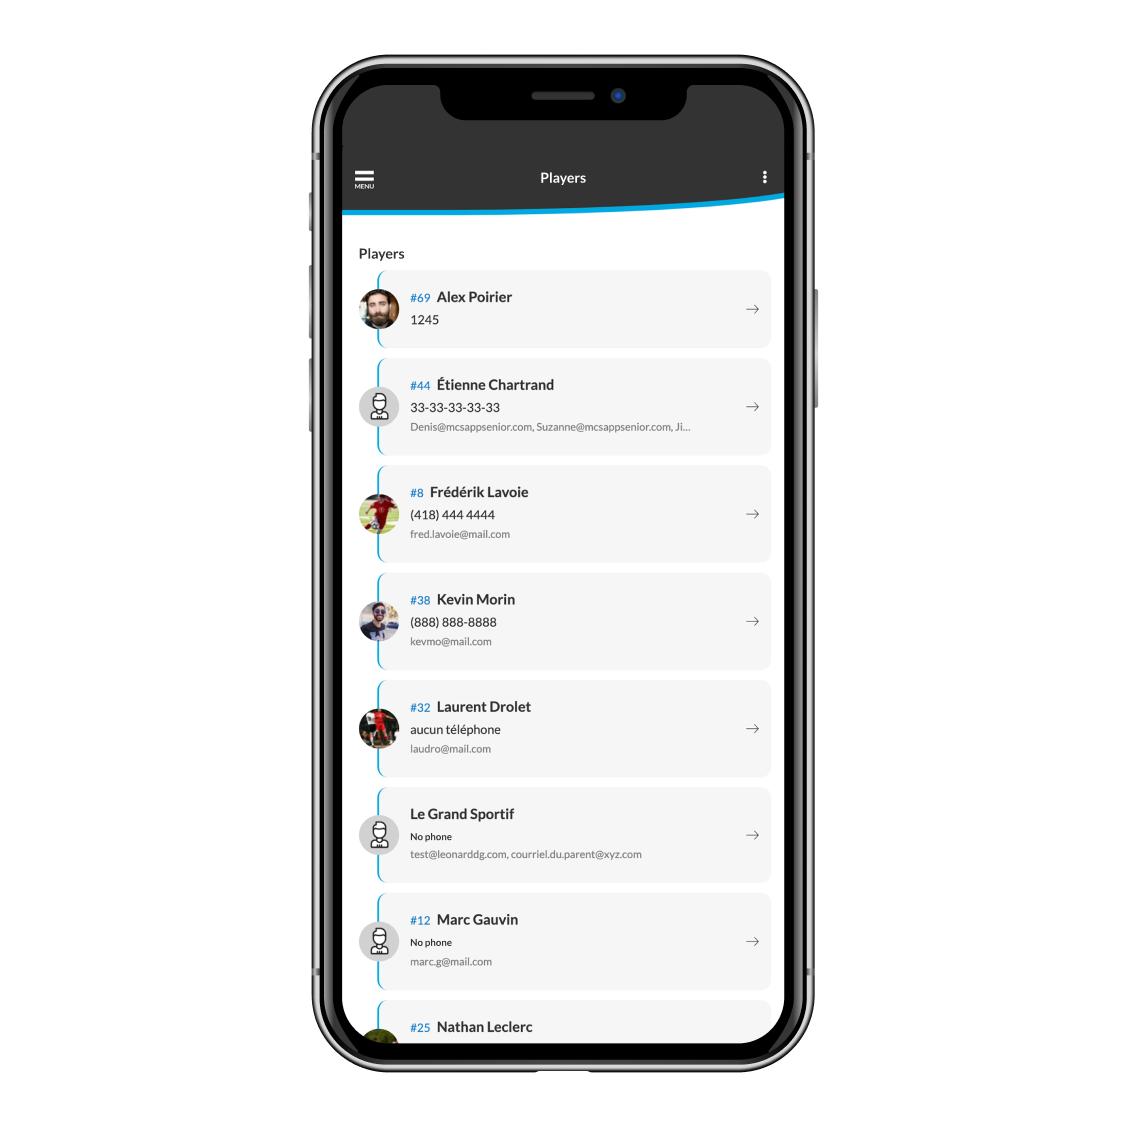 teams players list on a sports team app